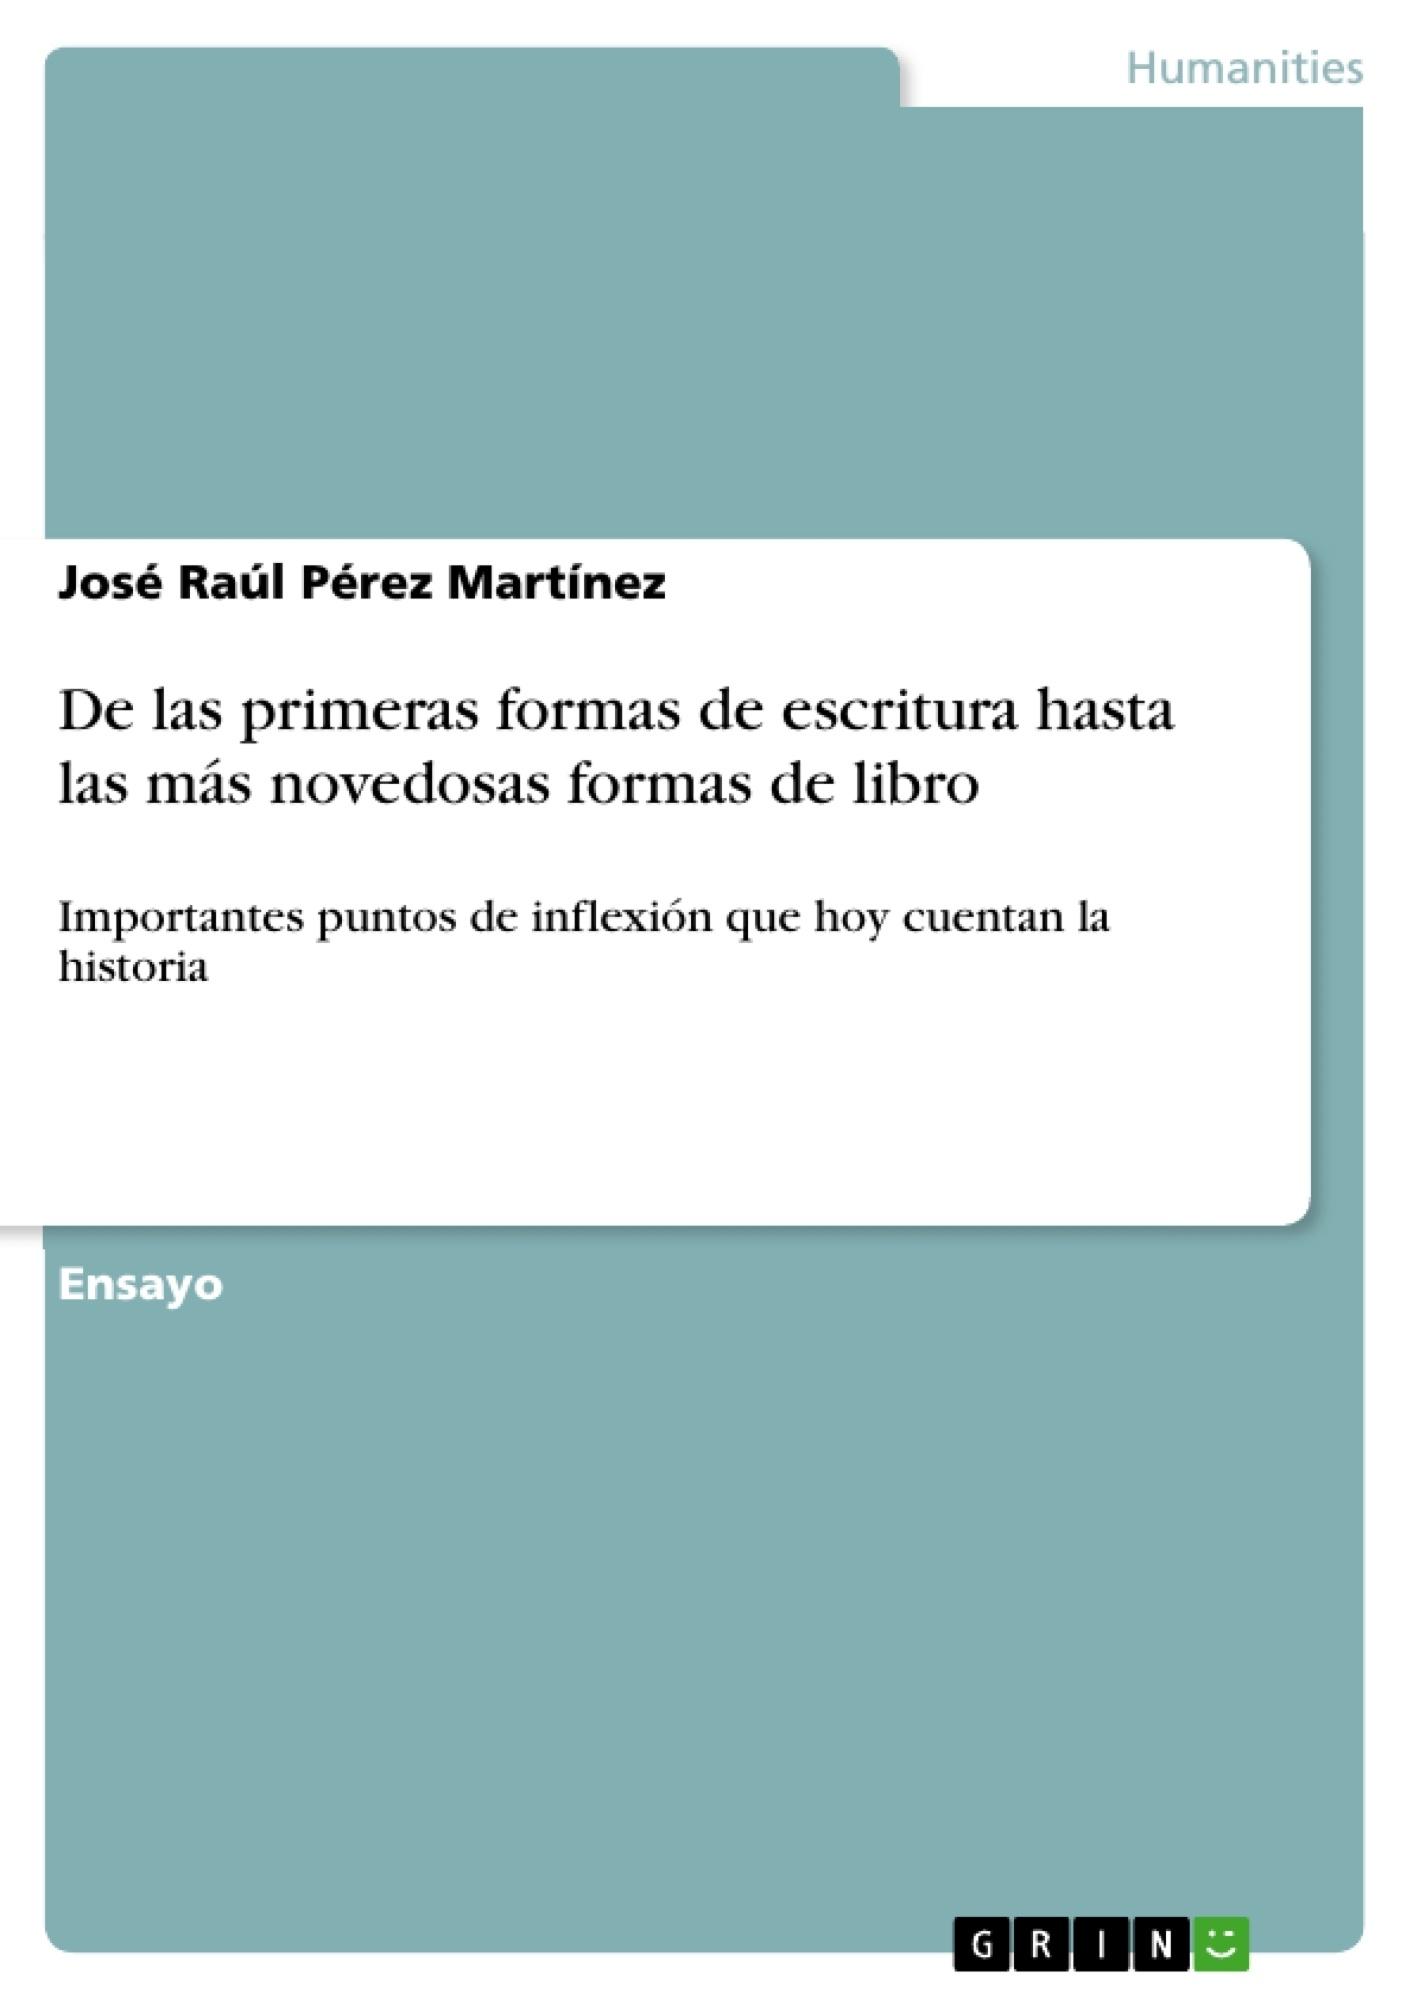 Título: De las primeras formas de escritura hasta las más novedosas formas de libro